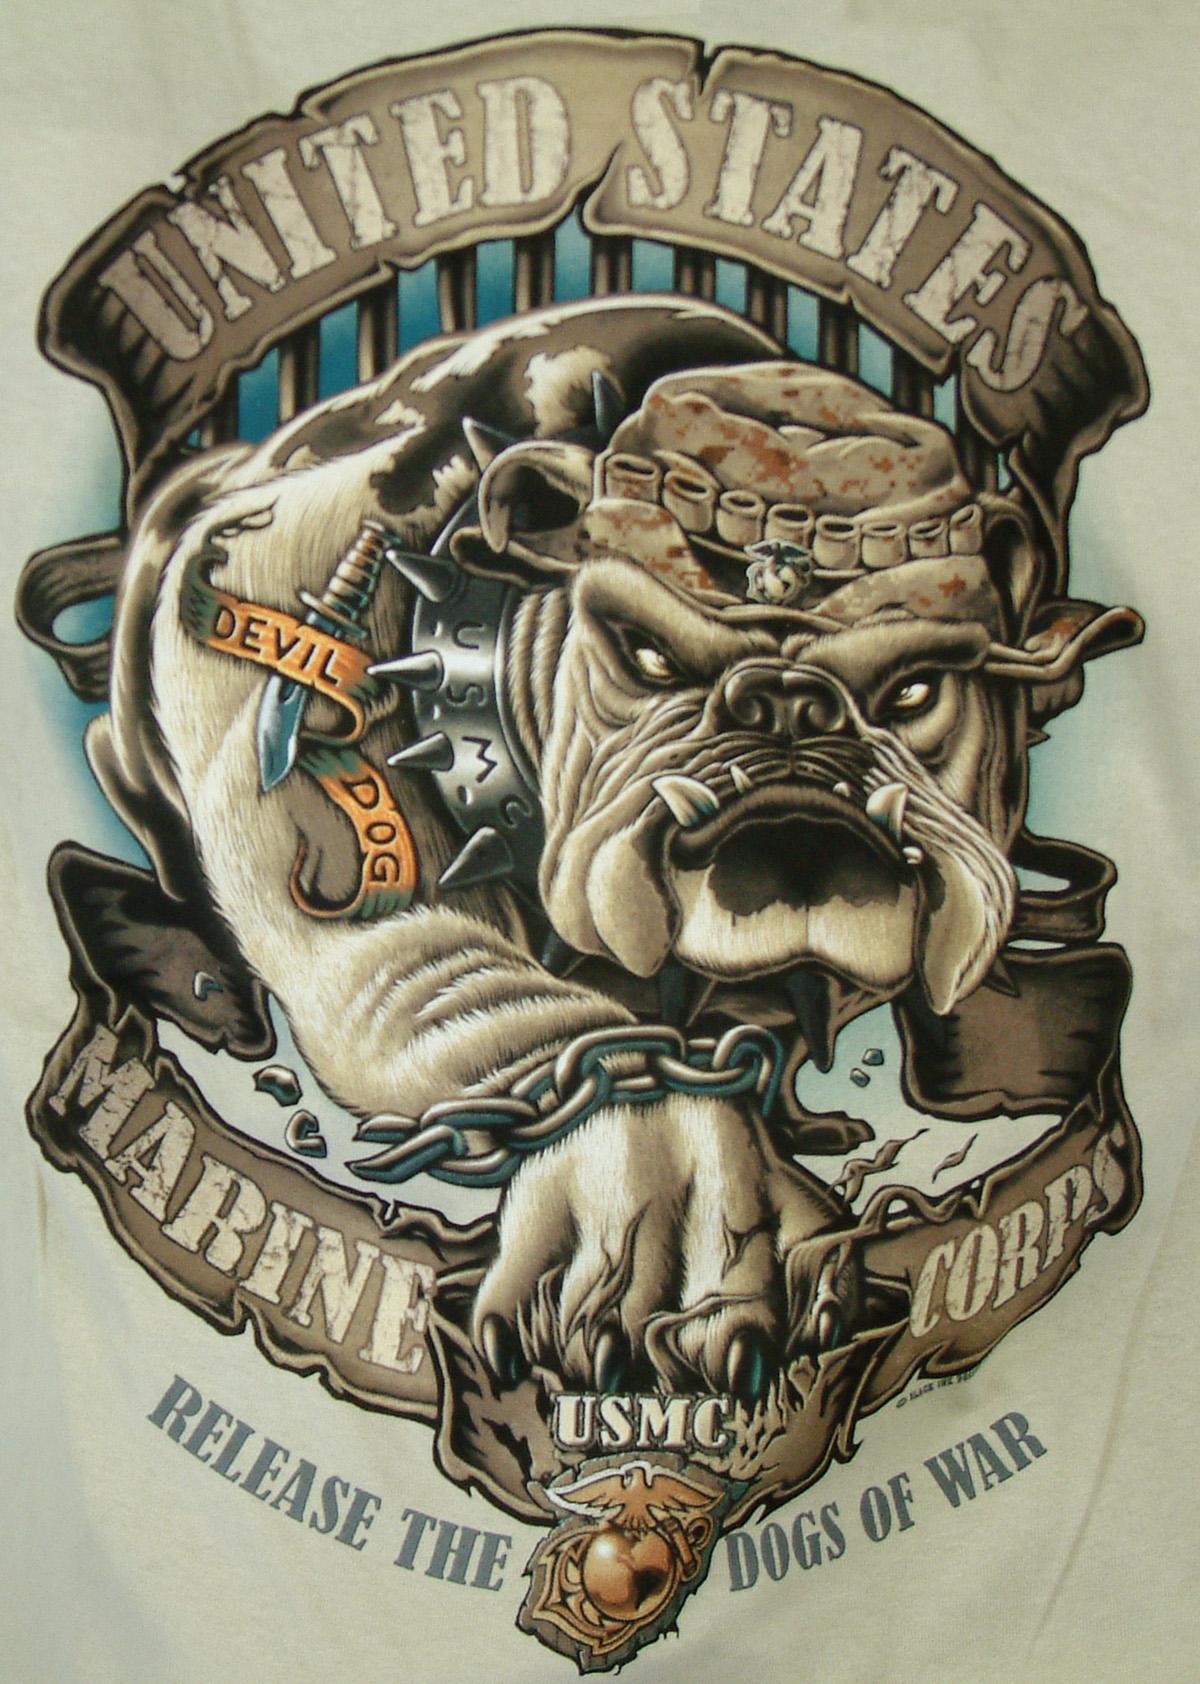 USMC Bulldog Tattoos Marine CorpsUsmc Bulldog Tattoo